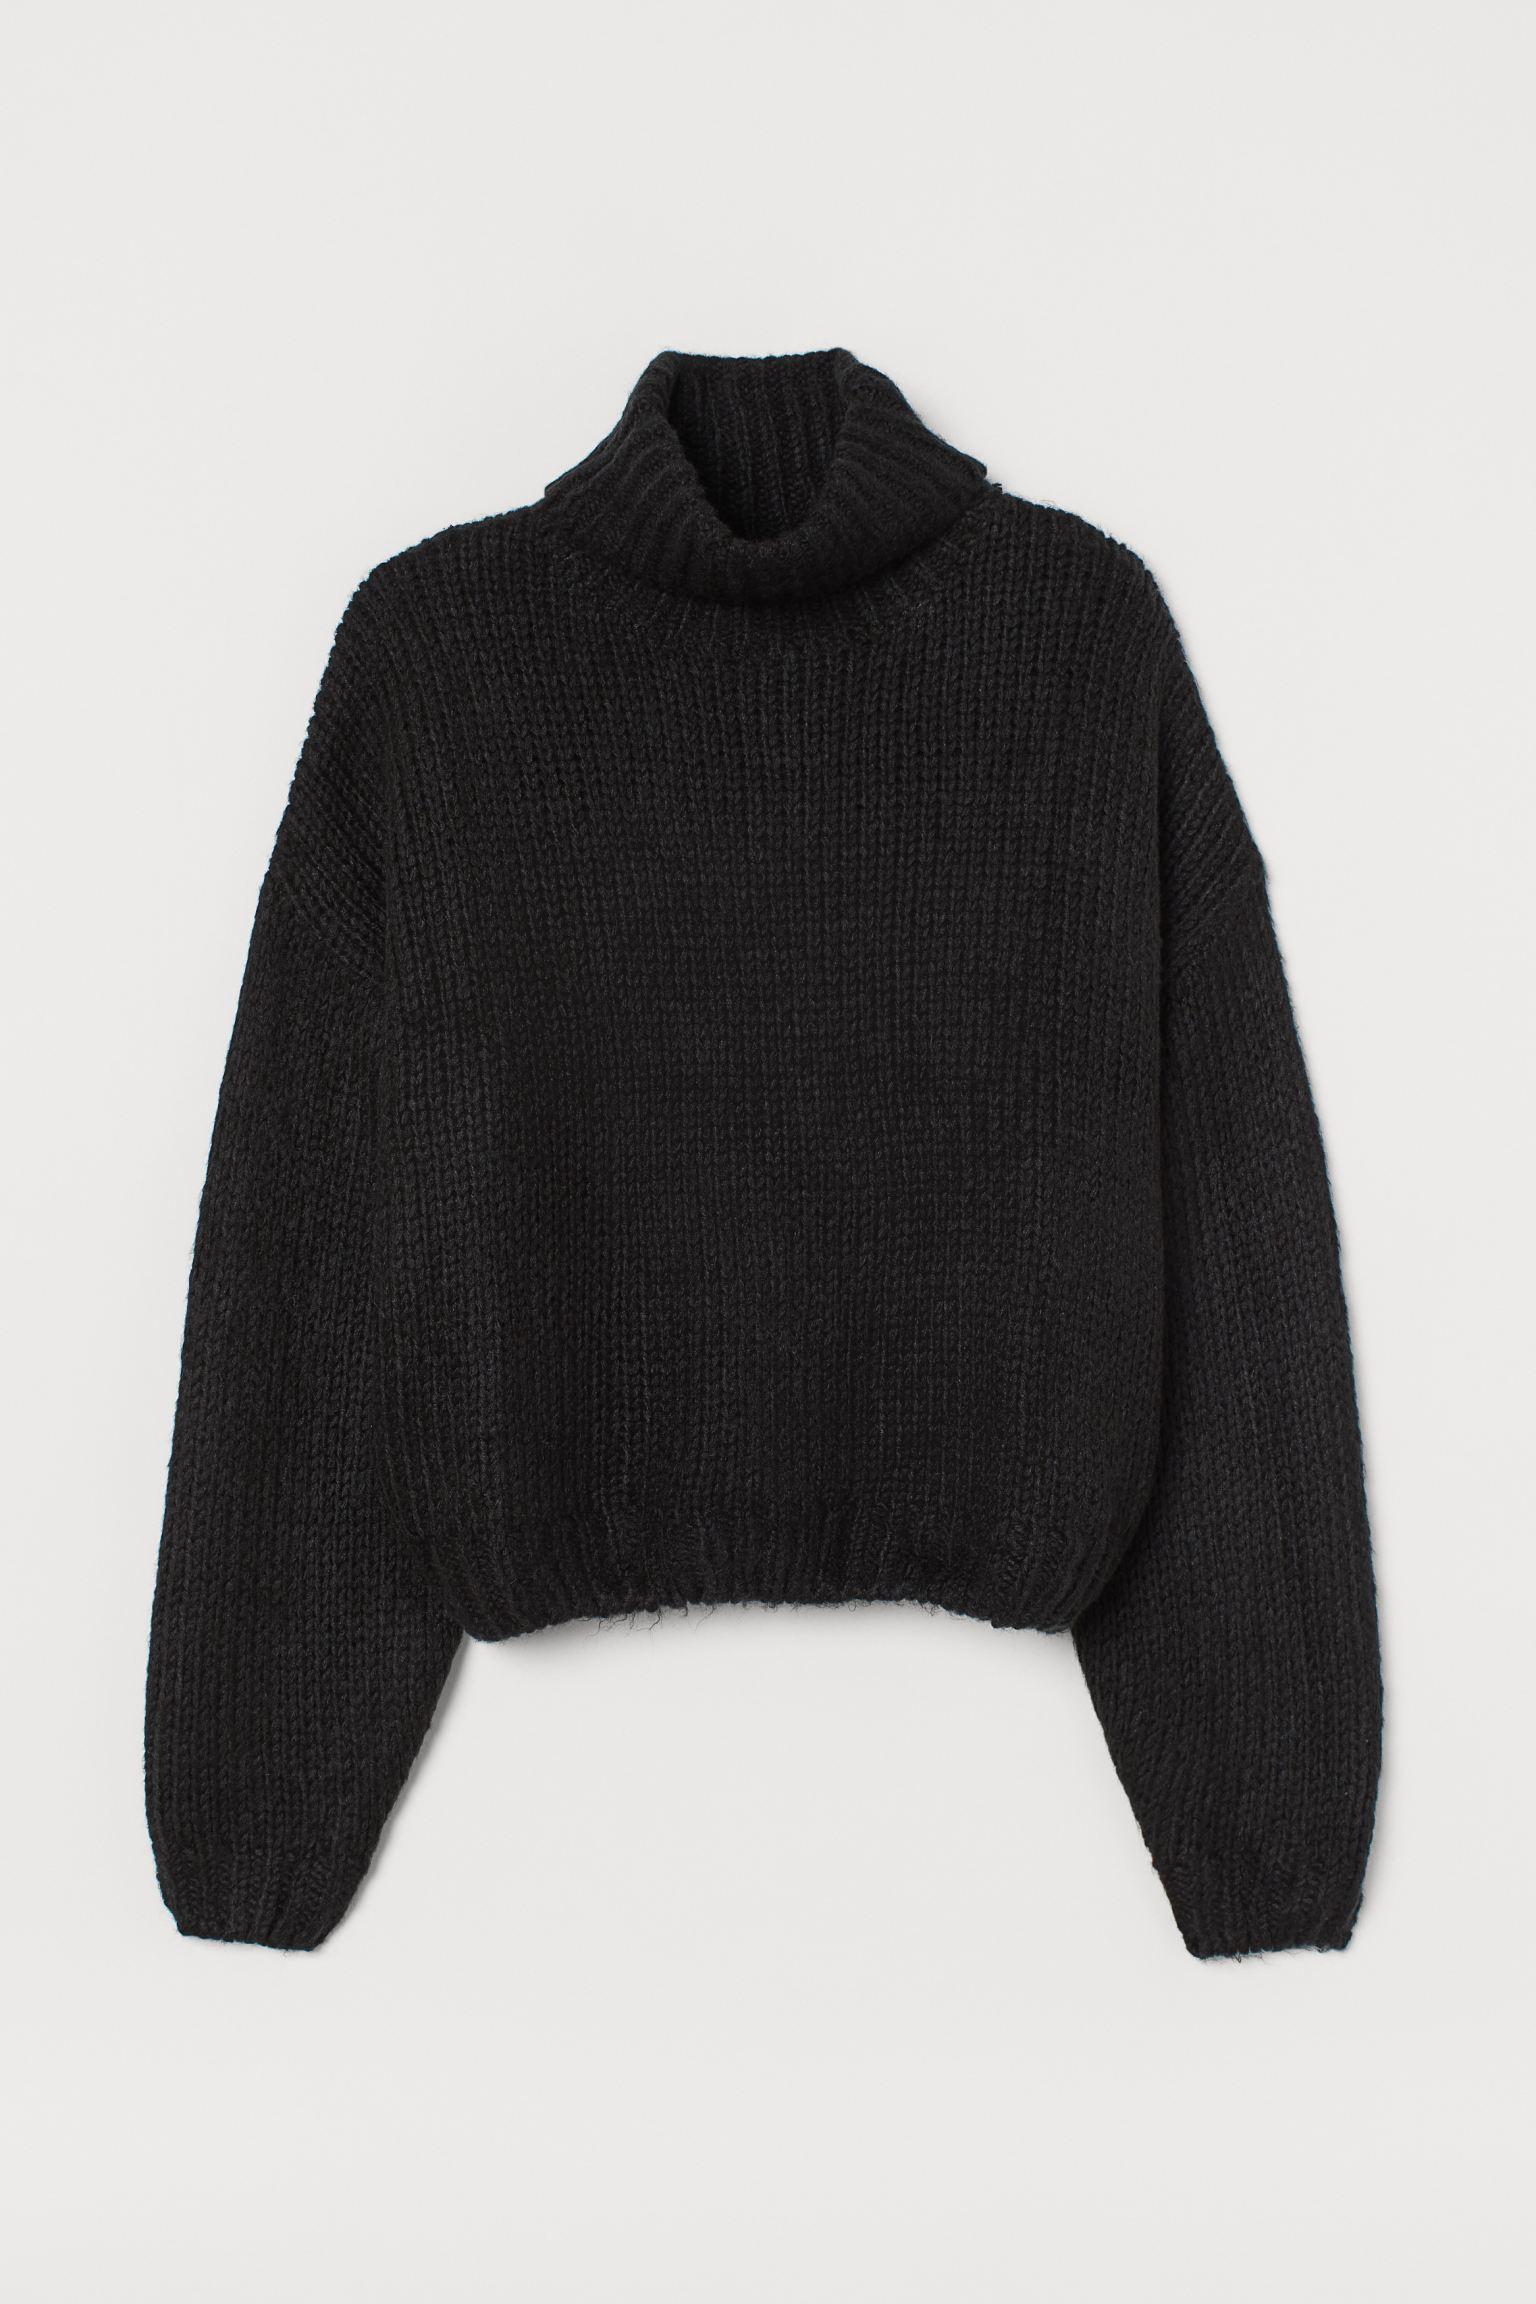 Jersey de cuello alto en punto